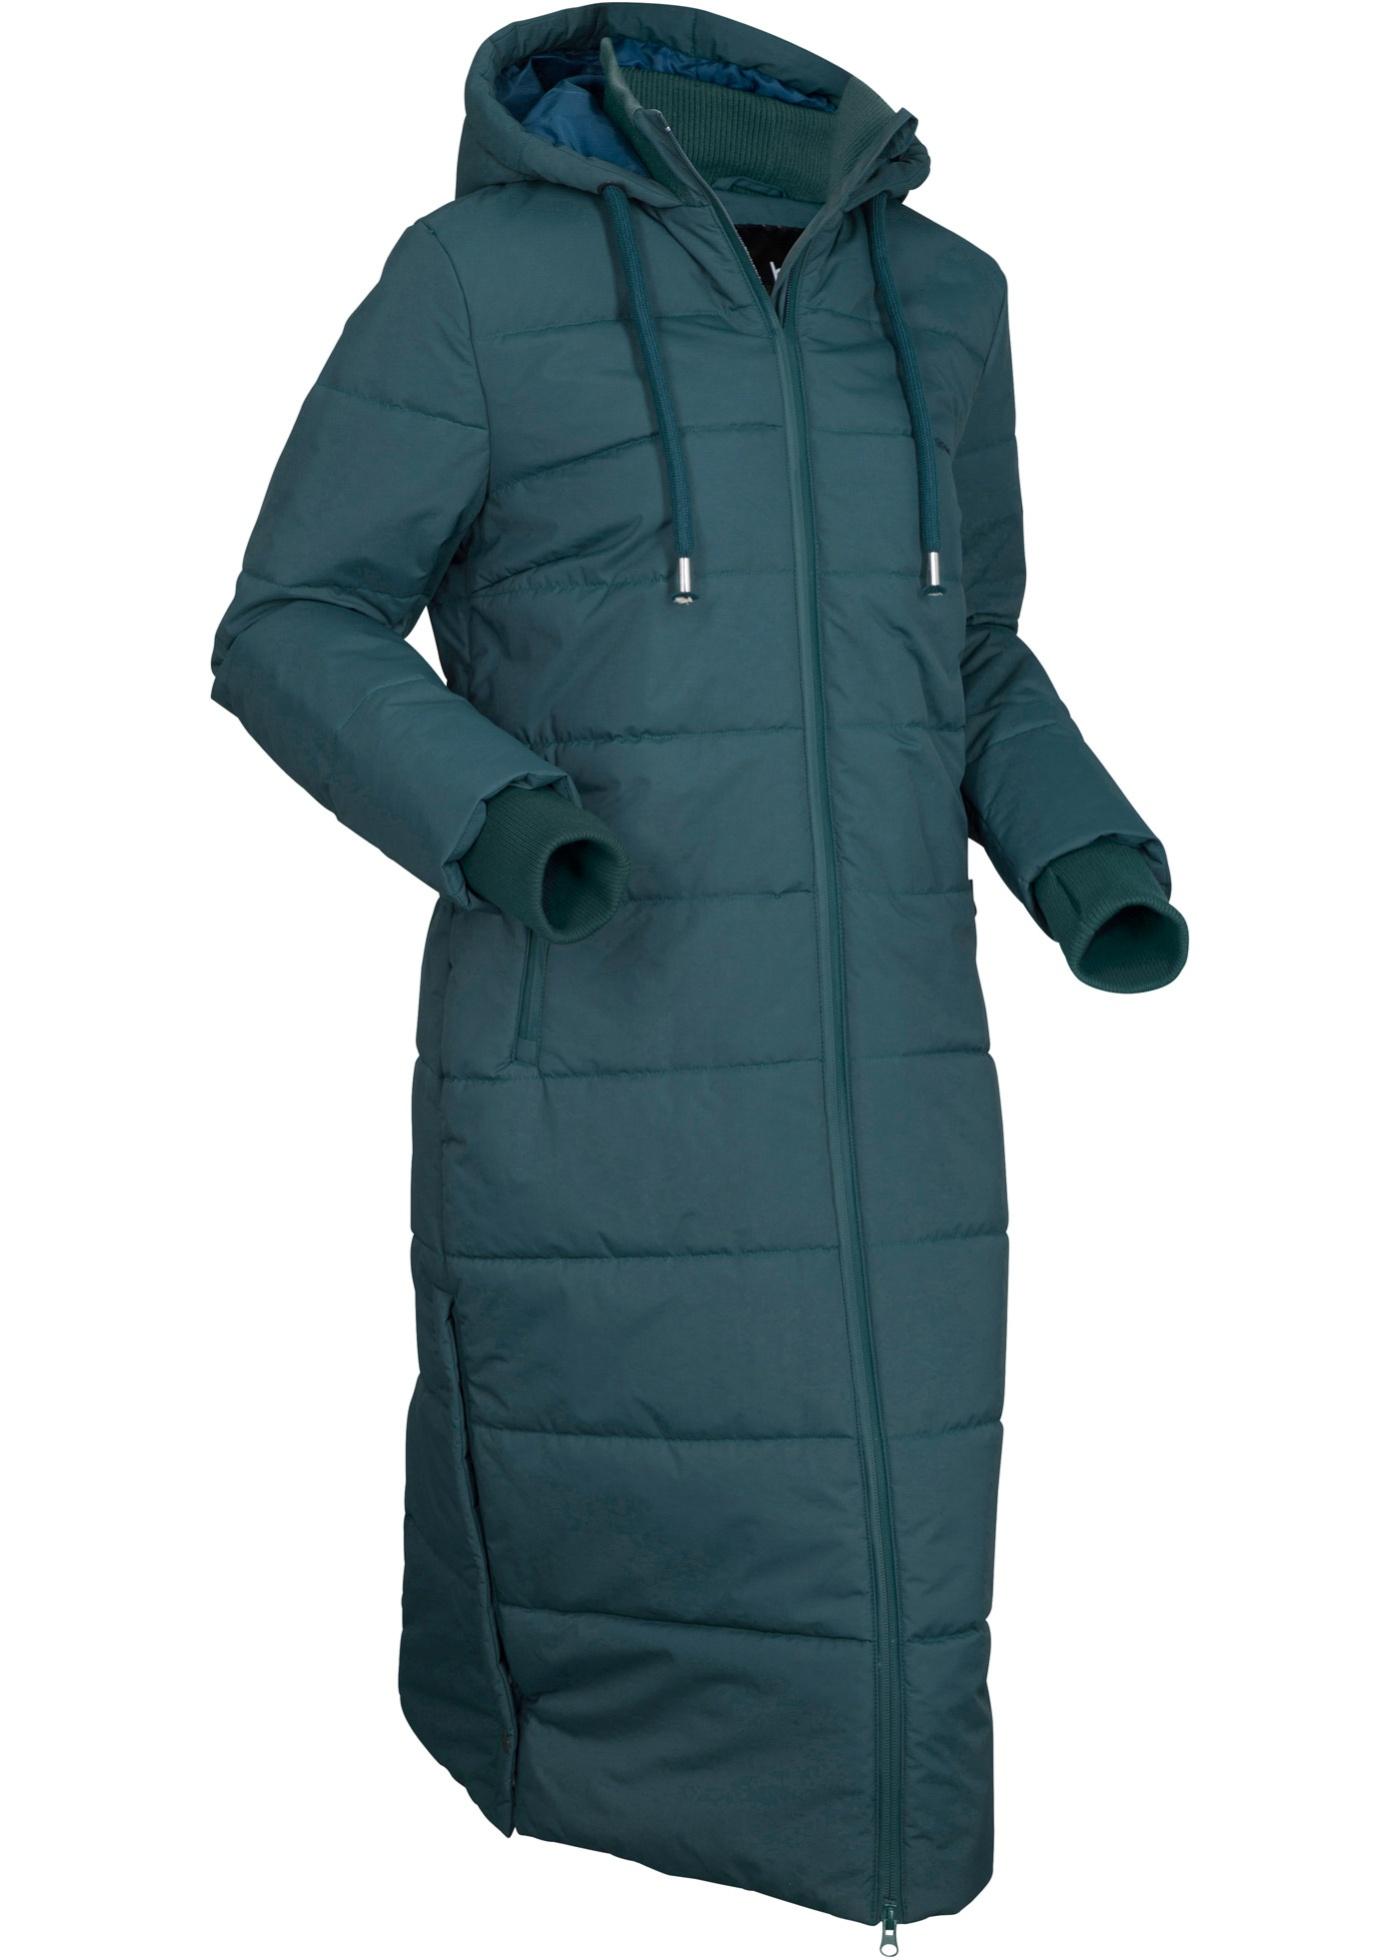 Manteau matelassé fonctionnel outdoor